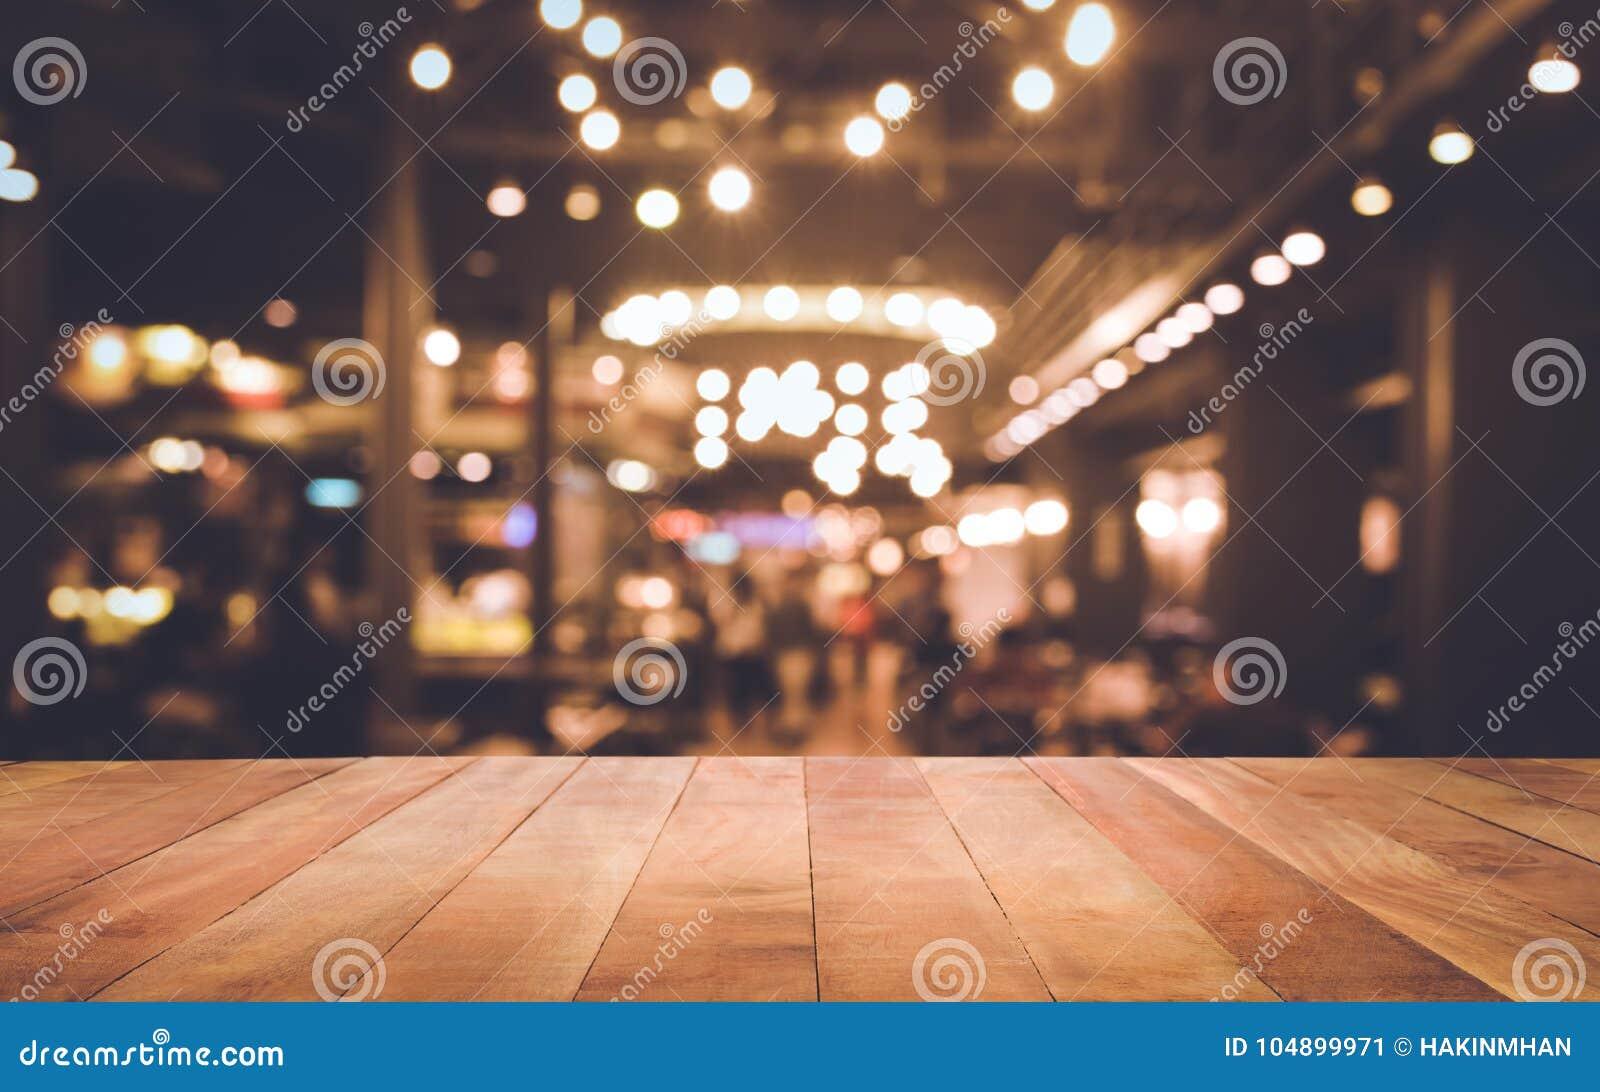 Wood Table Top Bar With Blur Light Bokeh In Dark Night